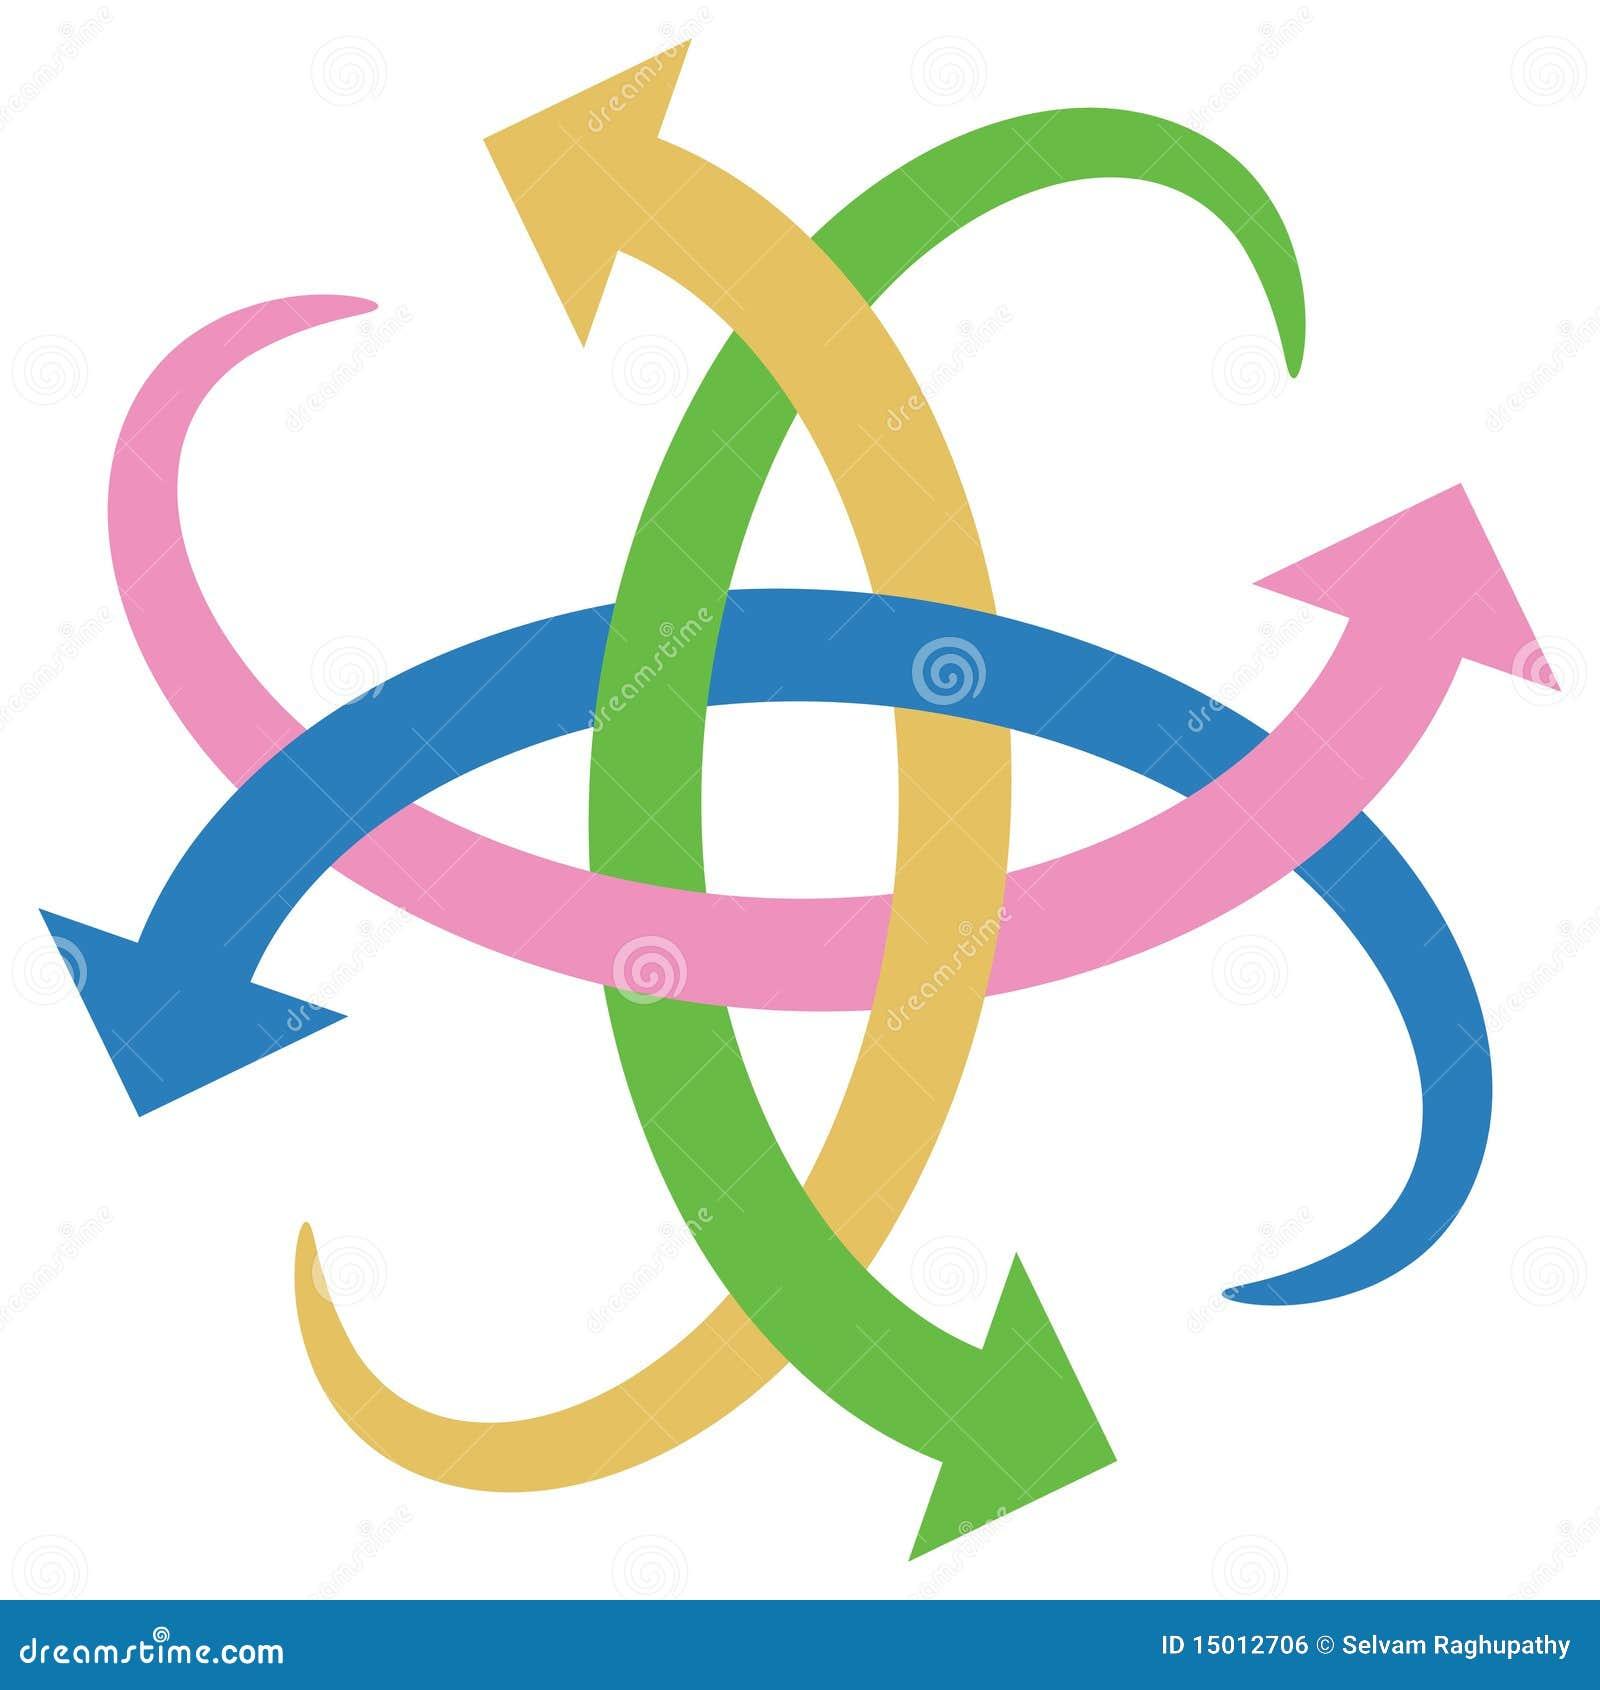 arrows logo vector - photo #20